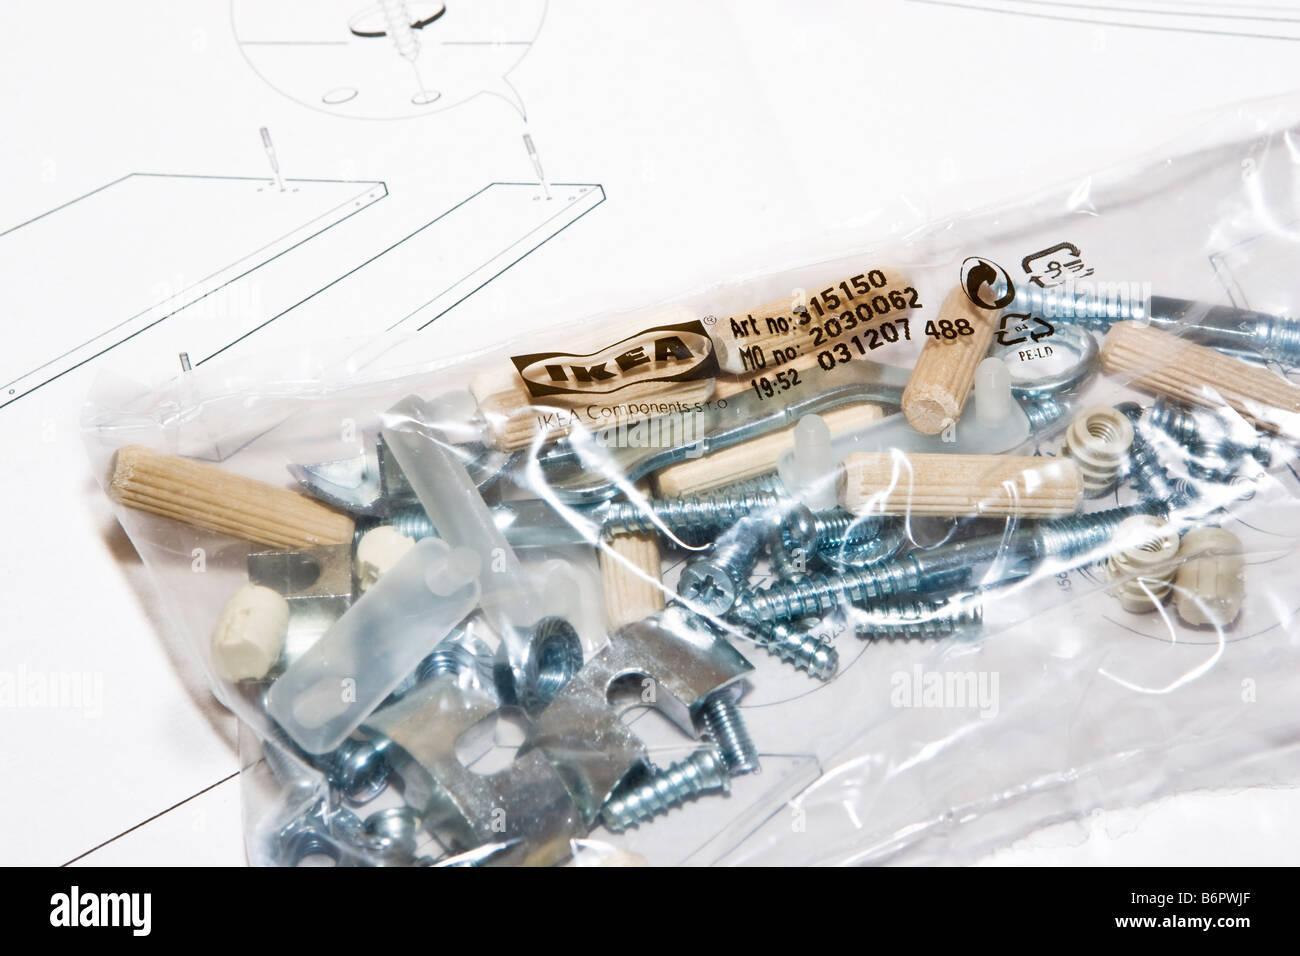 https www alamyimages fr photo image un paquet d outils et de meubles ikea flatpack pieces sur haut de la notice de montage 21401367 html